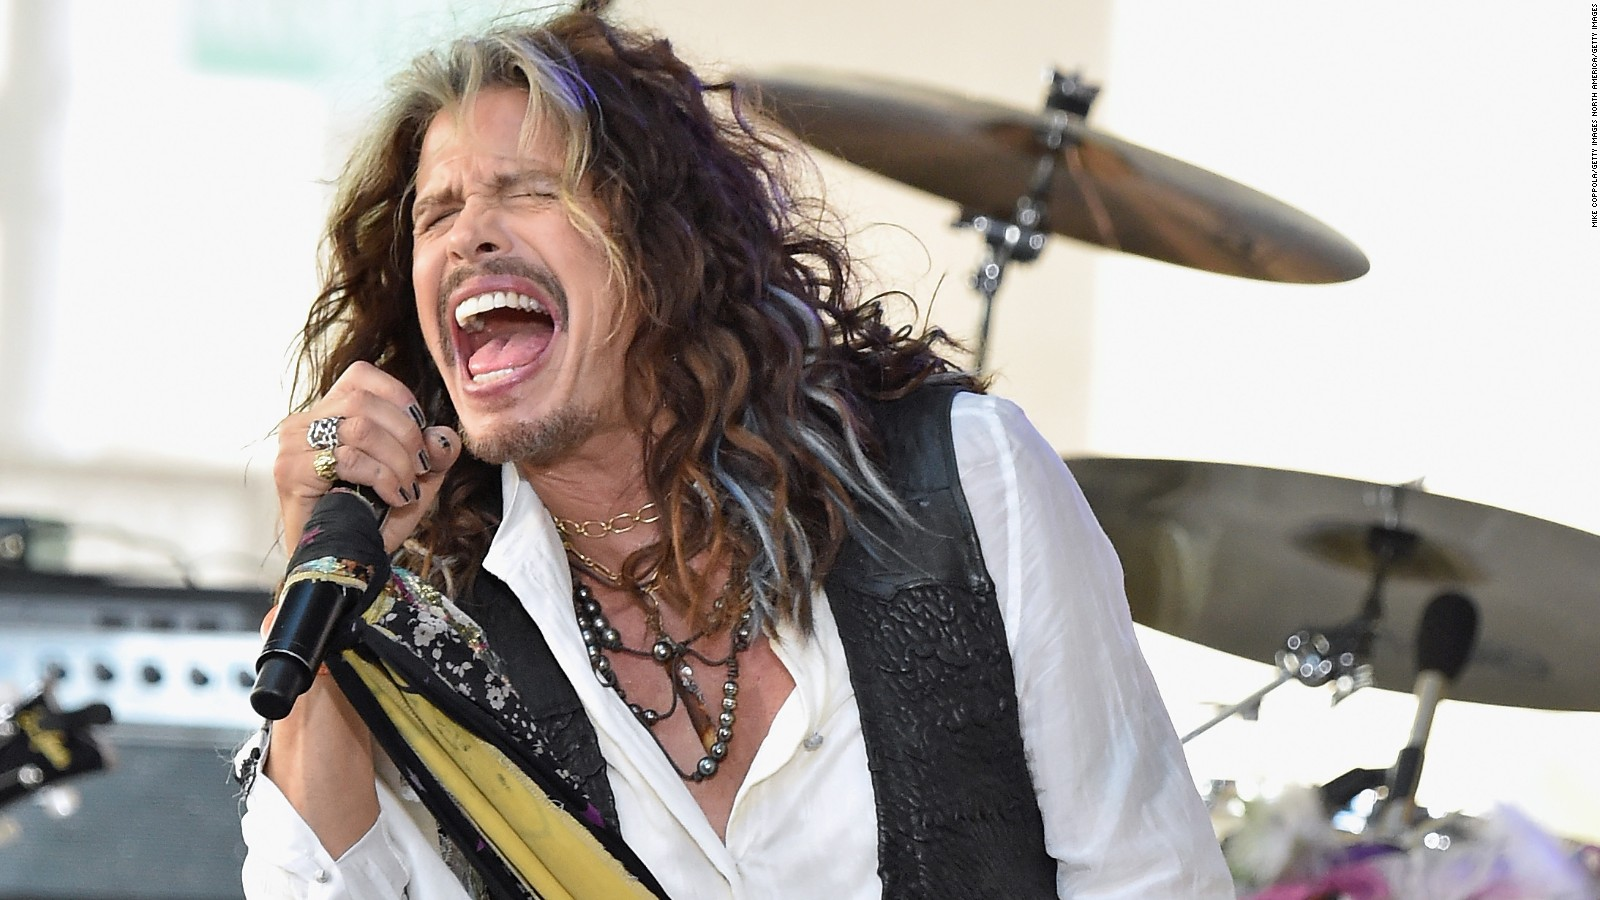 Steven Tyler Tour 2020 Steven Tyler seeks medical care, Aerosmith cancels tour dates   CNN